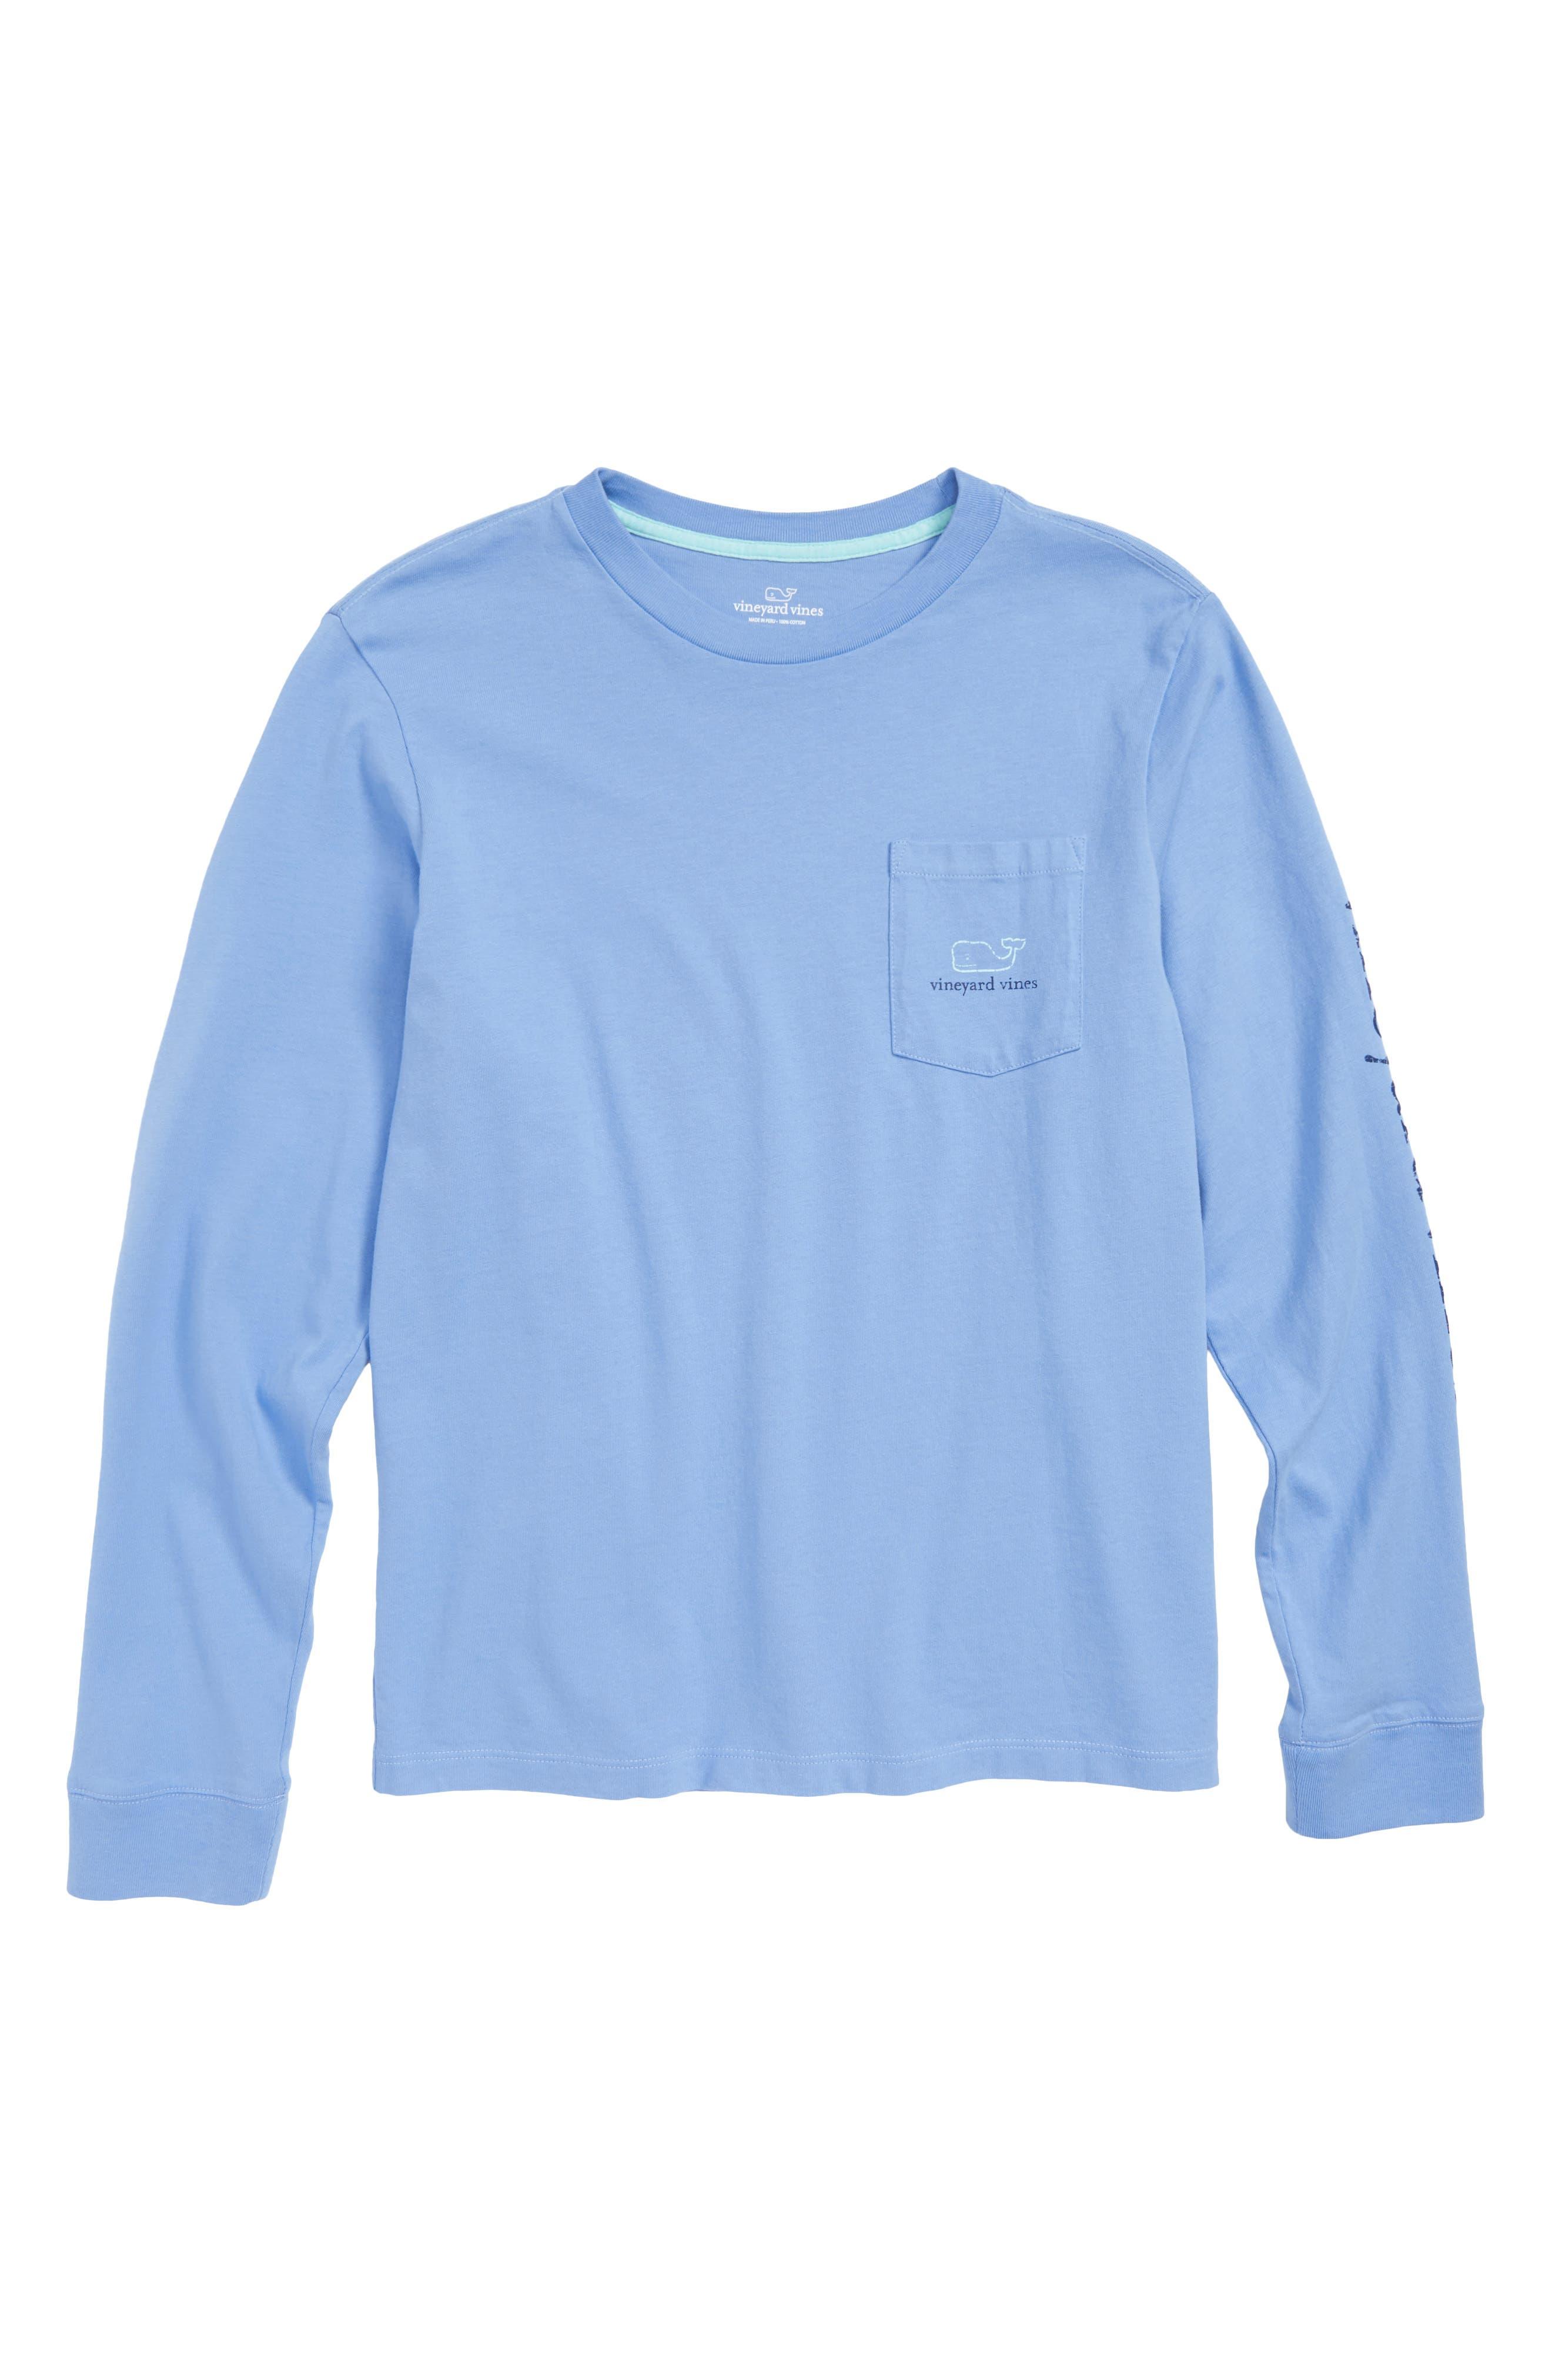 Vintage Whale Pocket T-Shirt,                             Main thumbnail 1, color,                             426